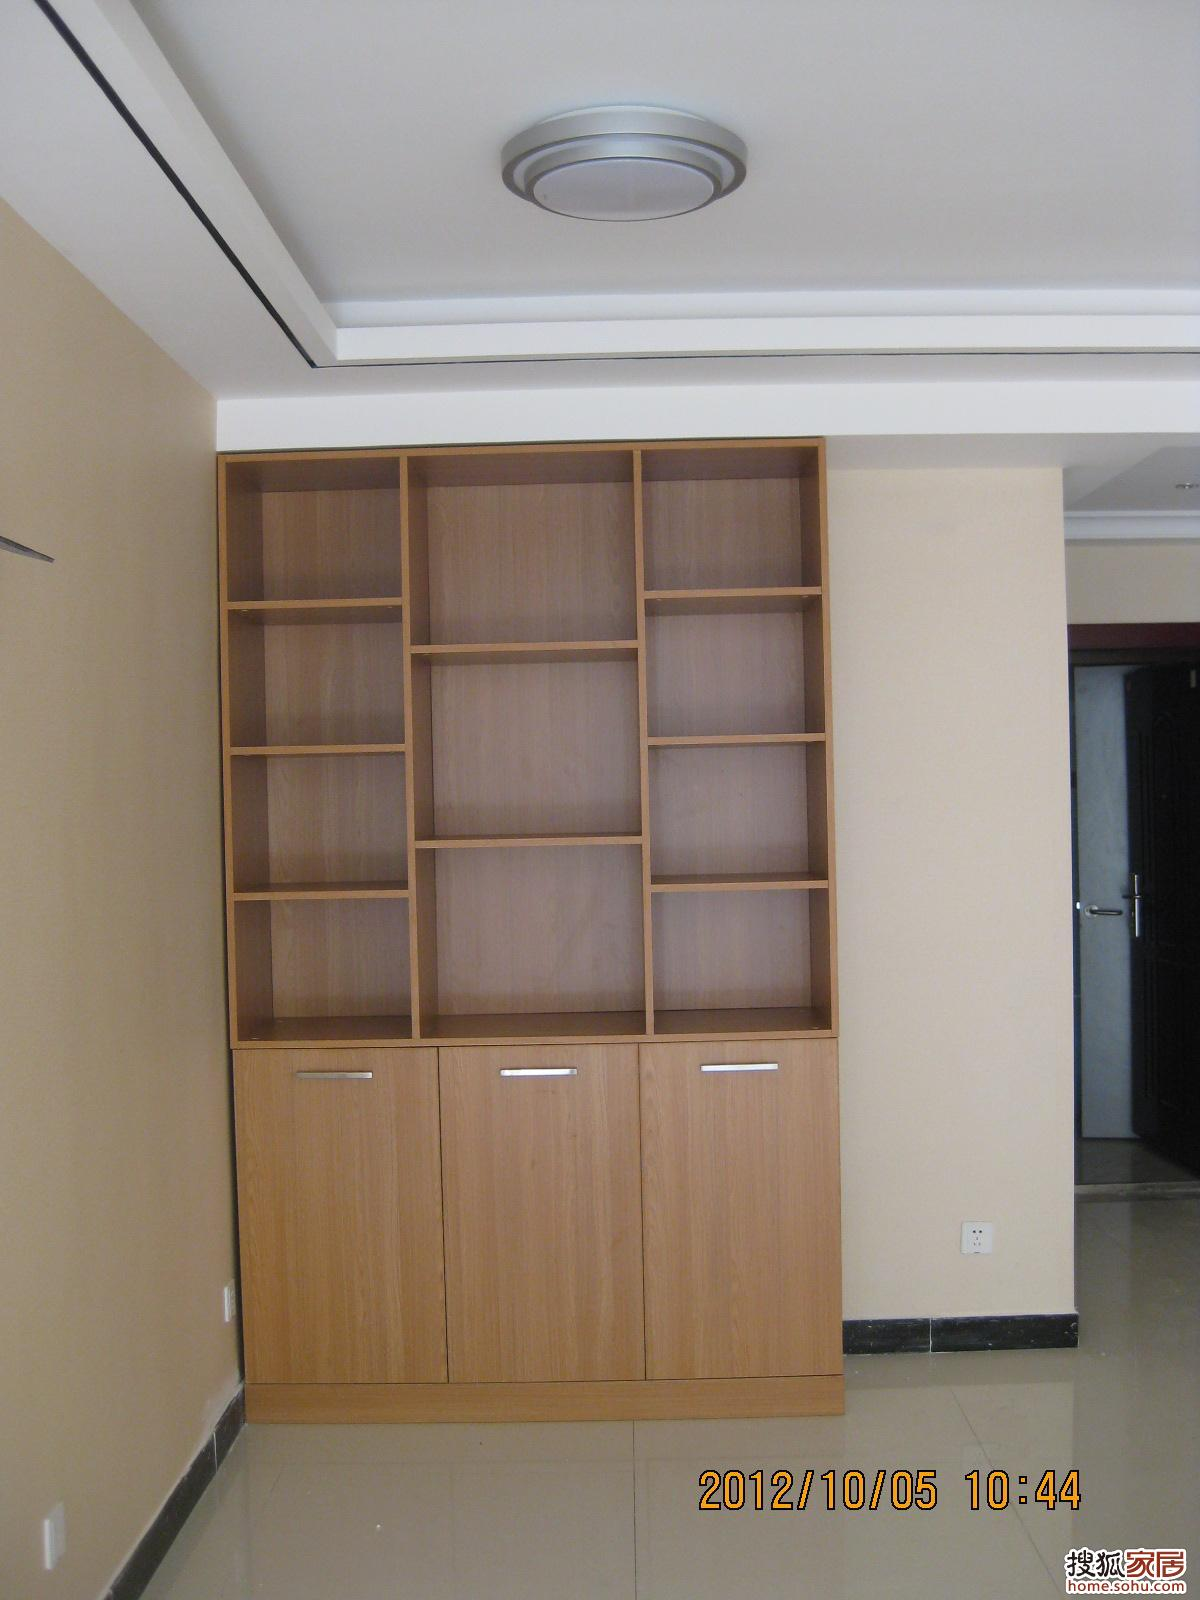 衣柜酒柜鞋柜图片大全-最流行的进门鞋柜图片 酒柜鞋柜一体柜效果图图片